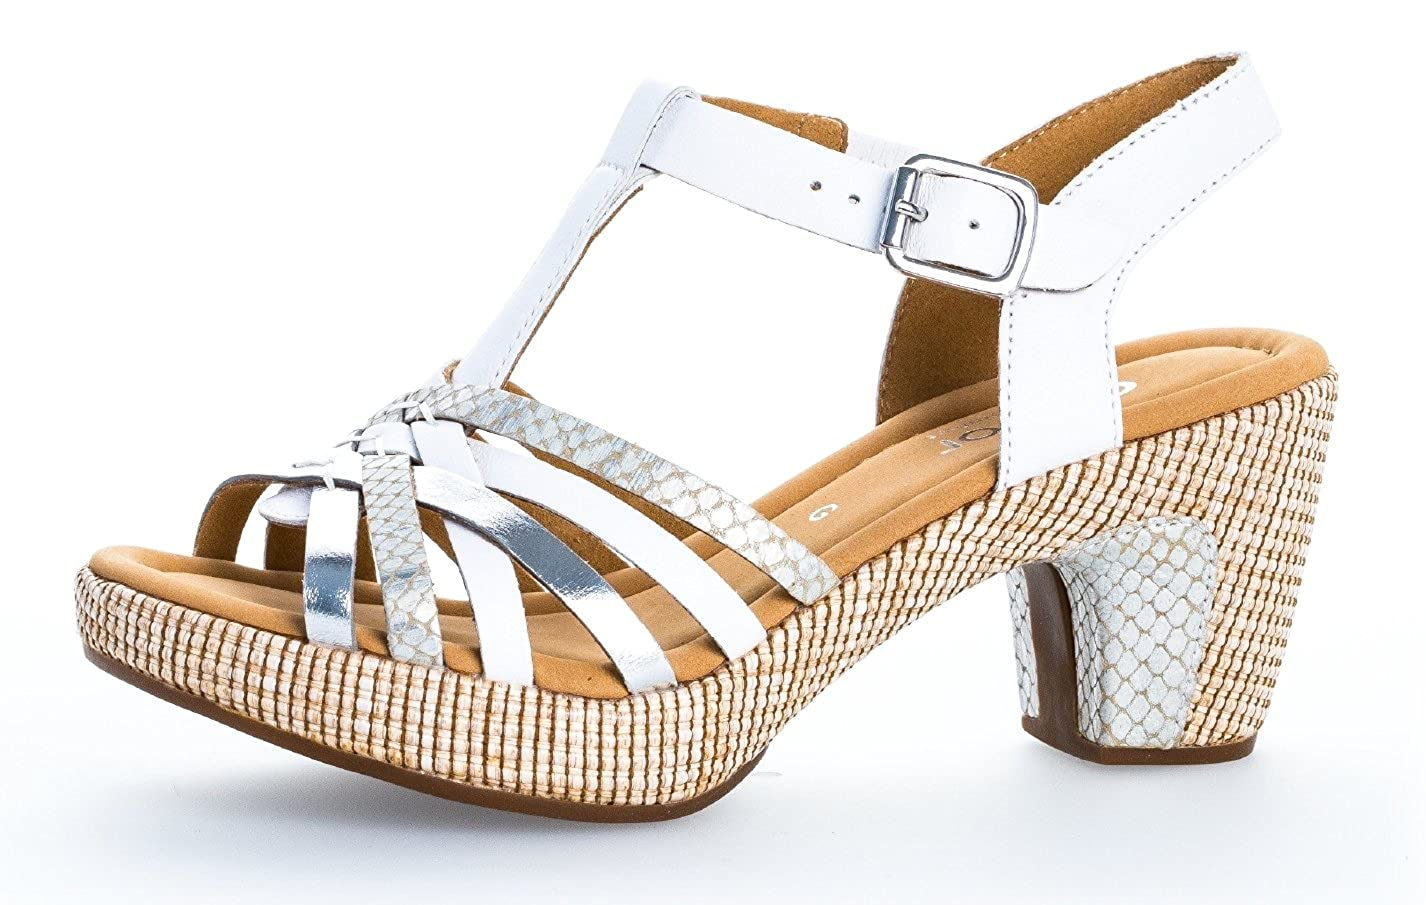 Weiß Gabor Damen Sandaletten 22.736, Frauen Sandaletten, Sommerschuhe, Absatzschuhe